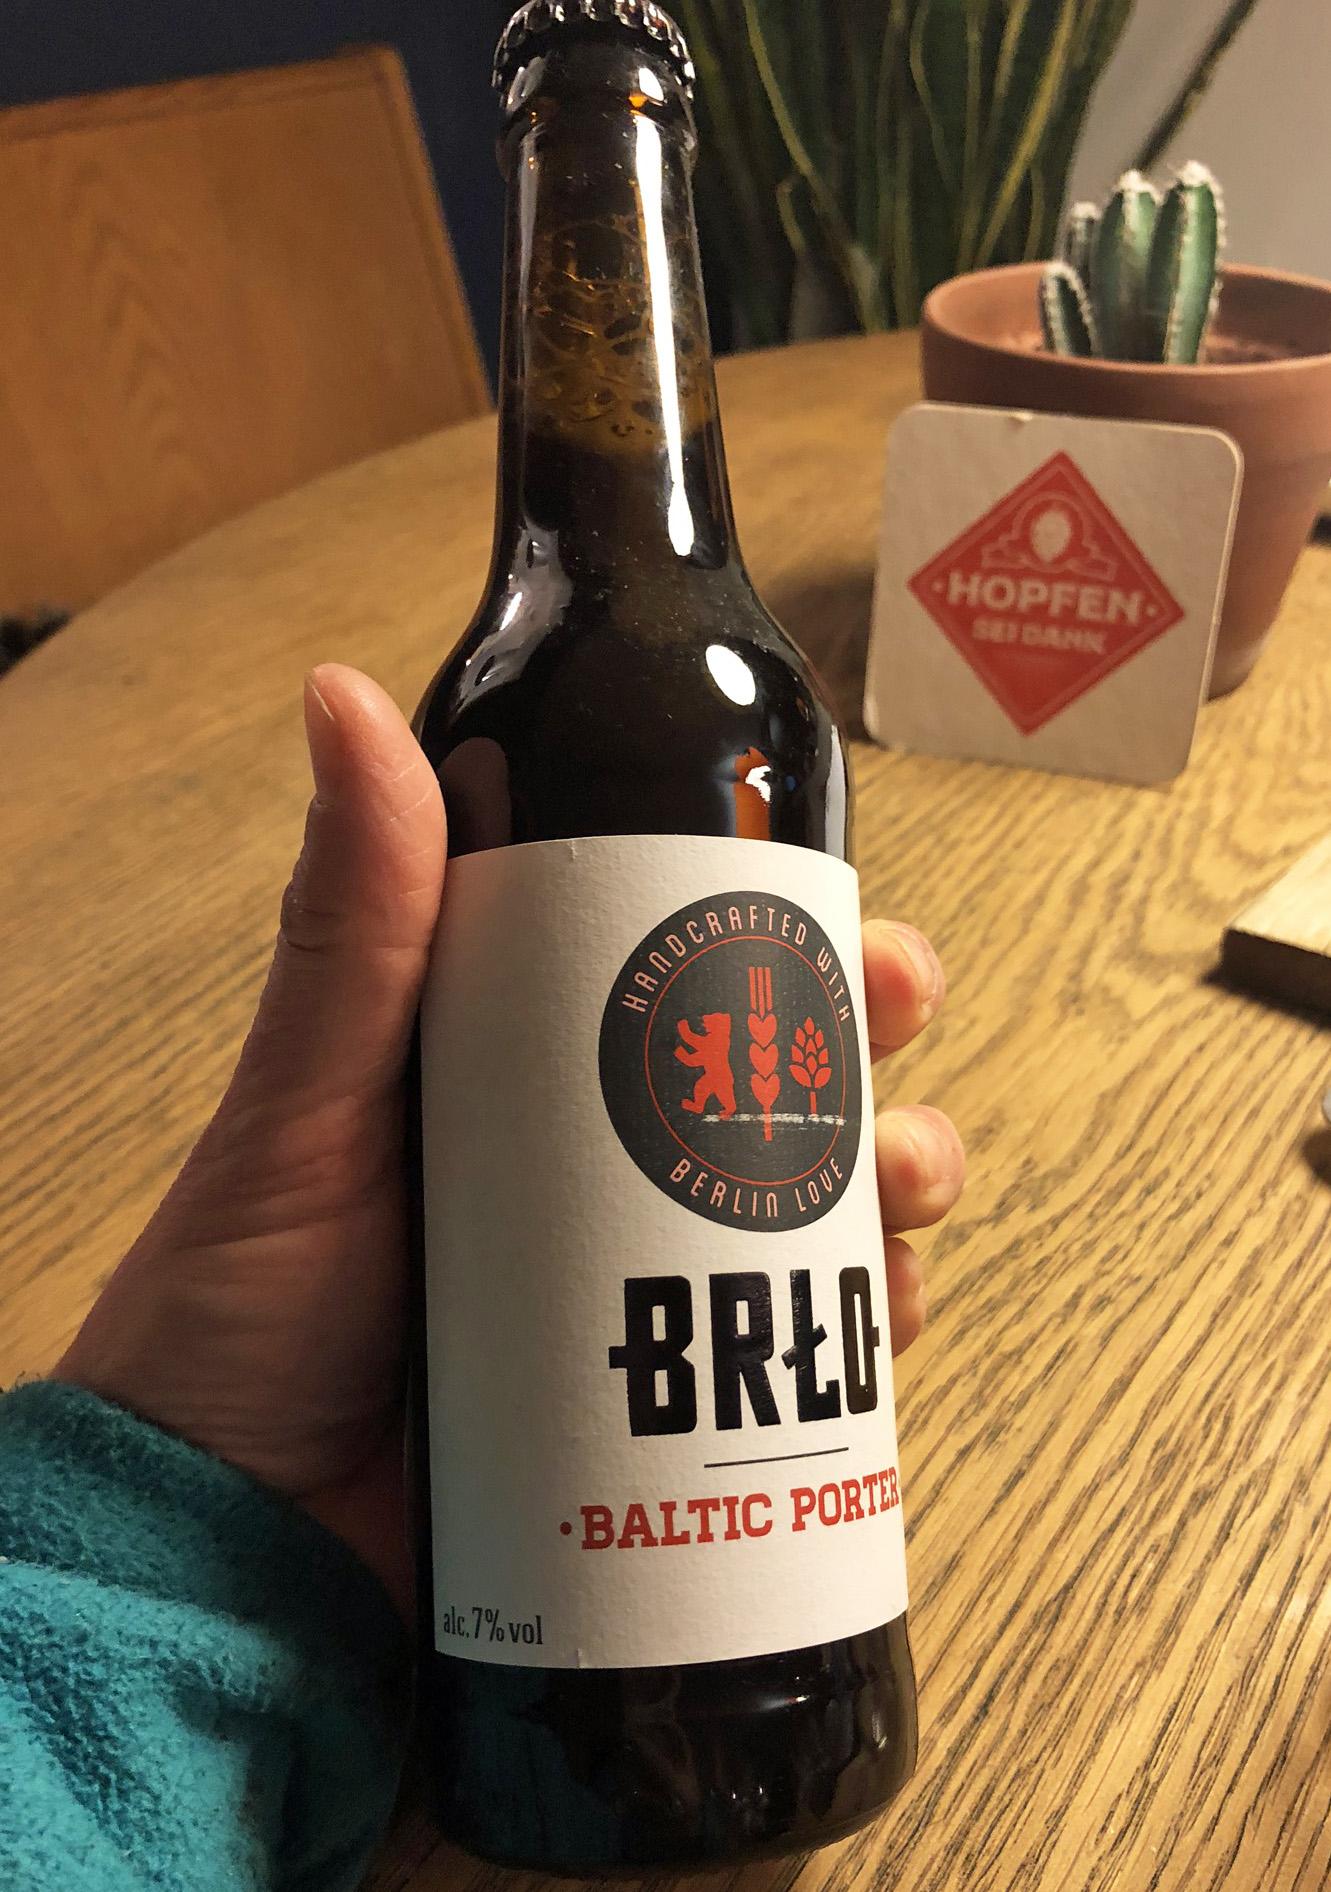 Brlo Bieir aus Berlin